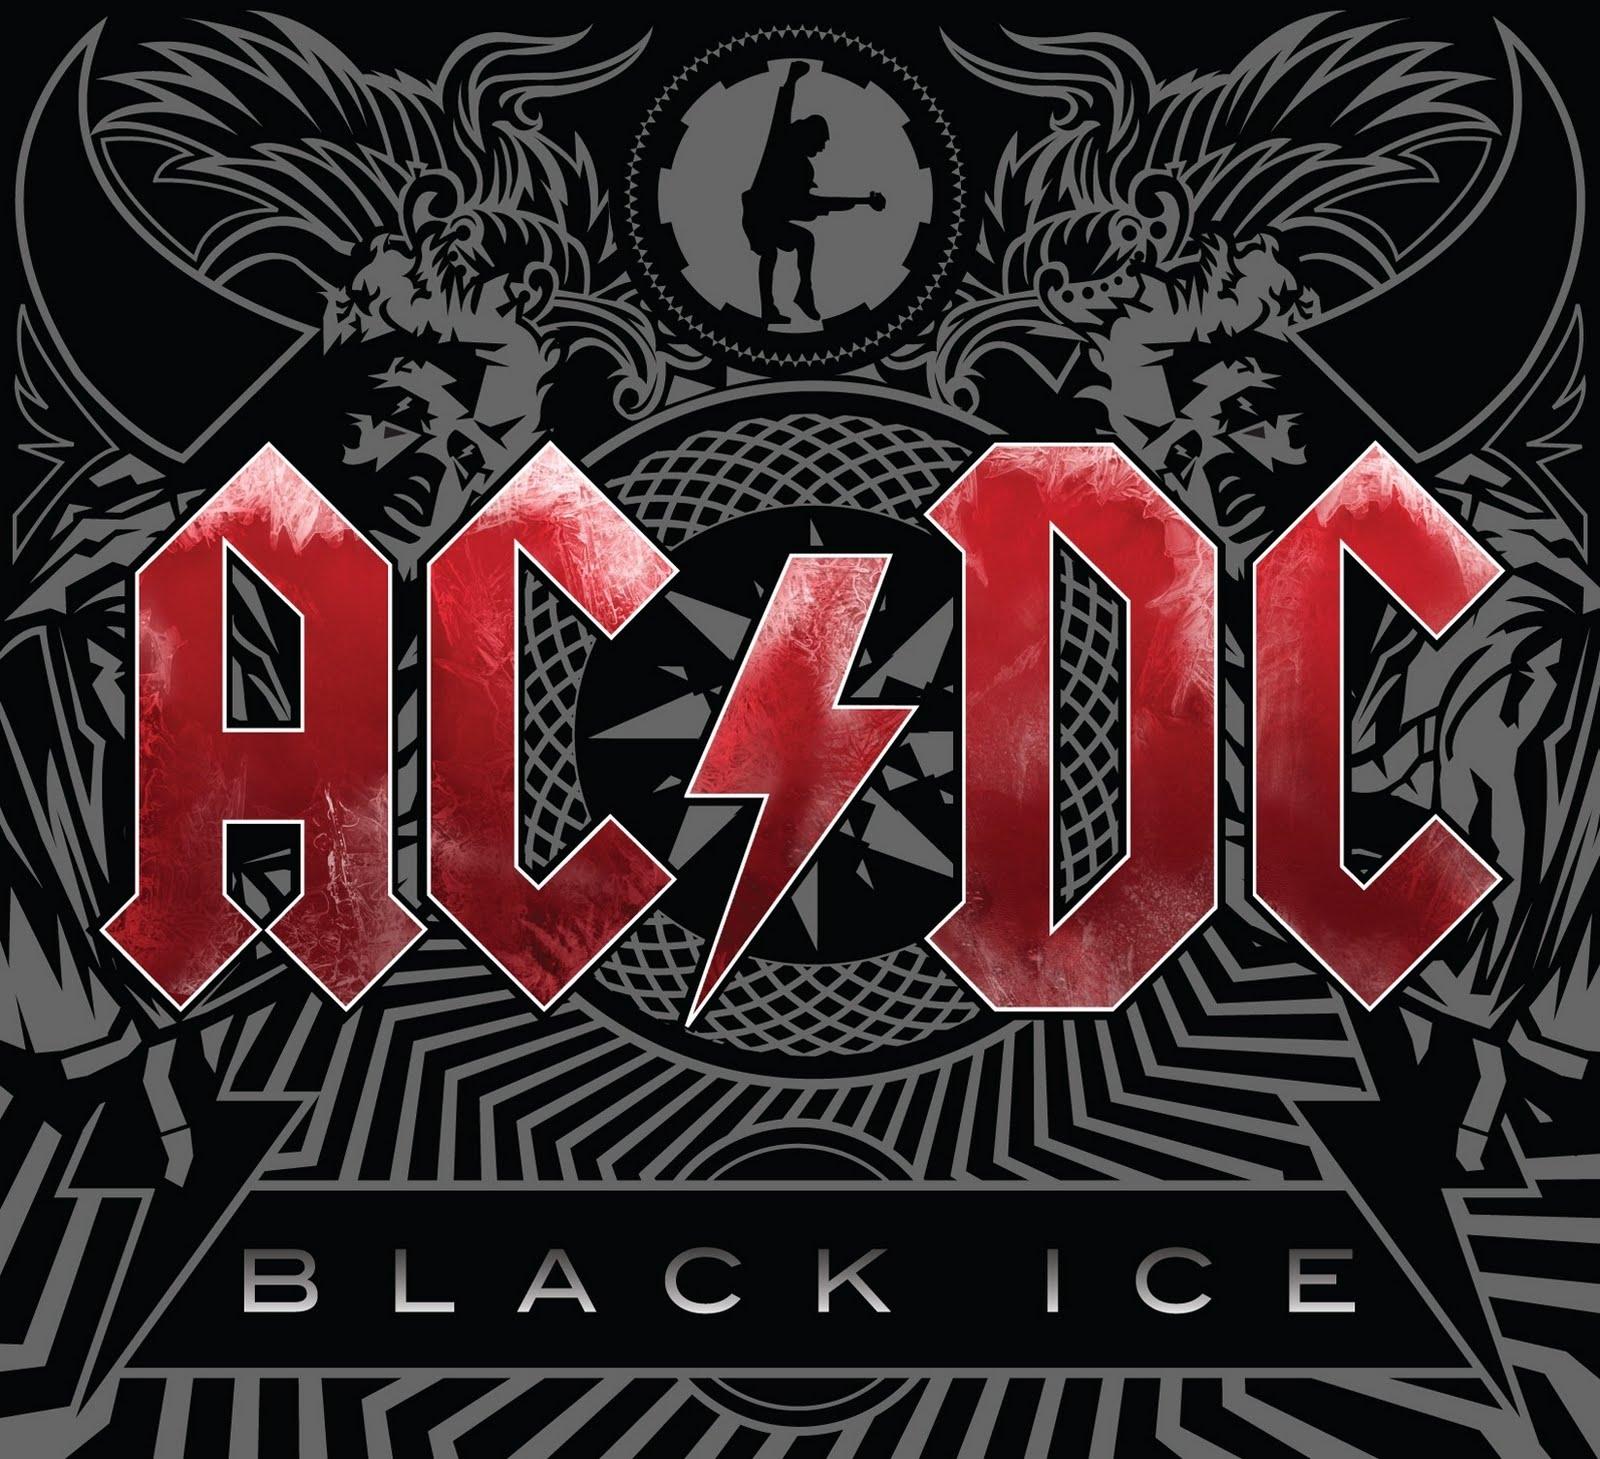 http://2.bp.blogspot.com/__EMts69i68g/TDNyVuPeVnI/AAAAAAAAAR8/nTTEm8g1CYw/s1600/acdc_tapa_blackice.jpg